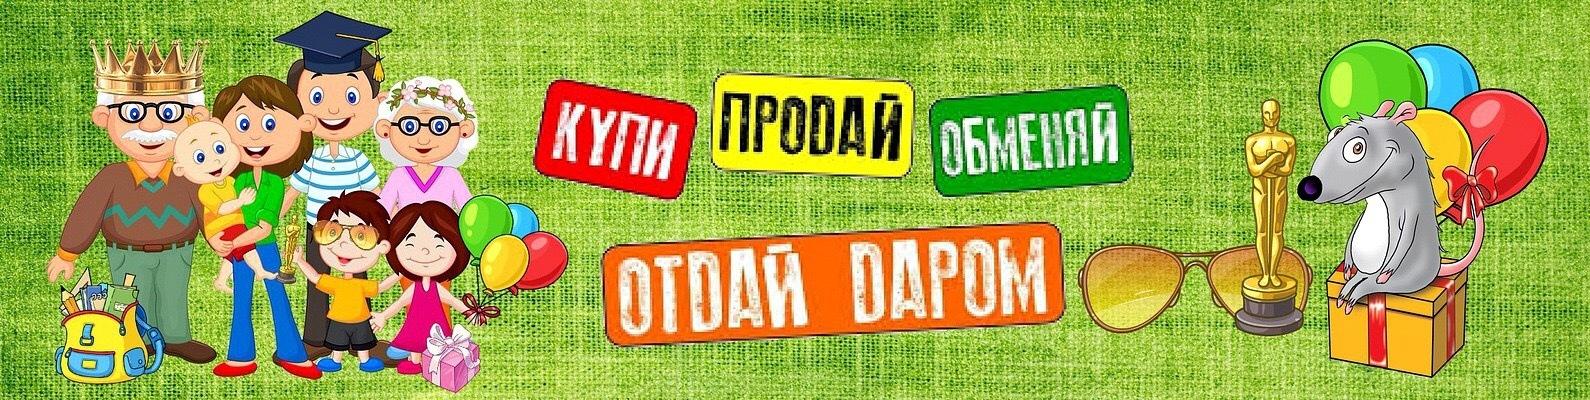 Картинки для объявления обмен